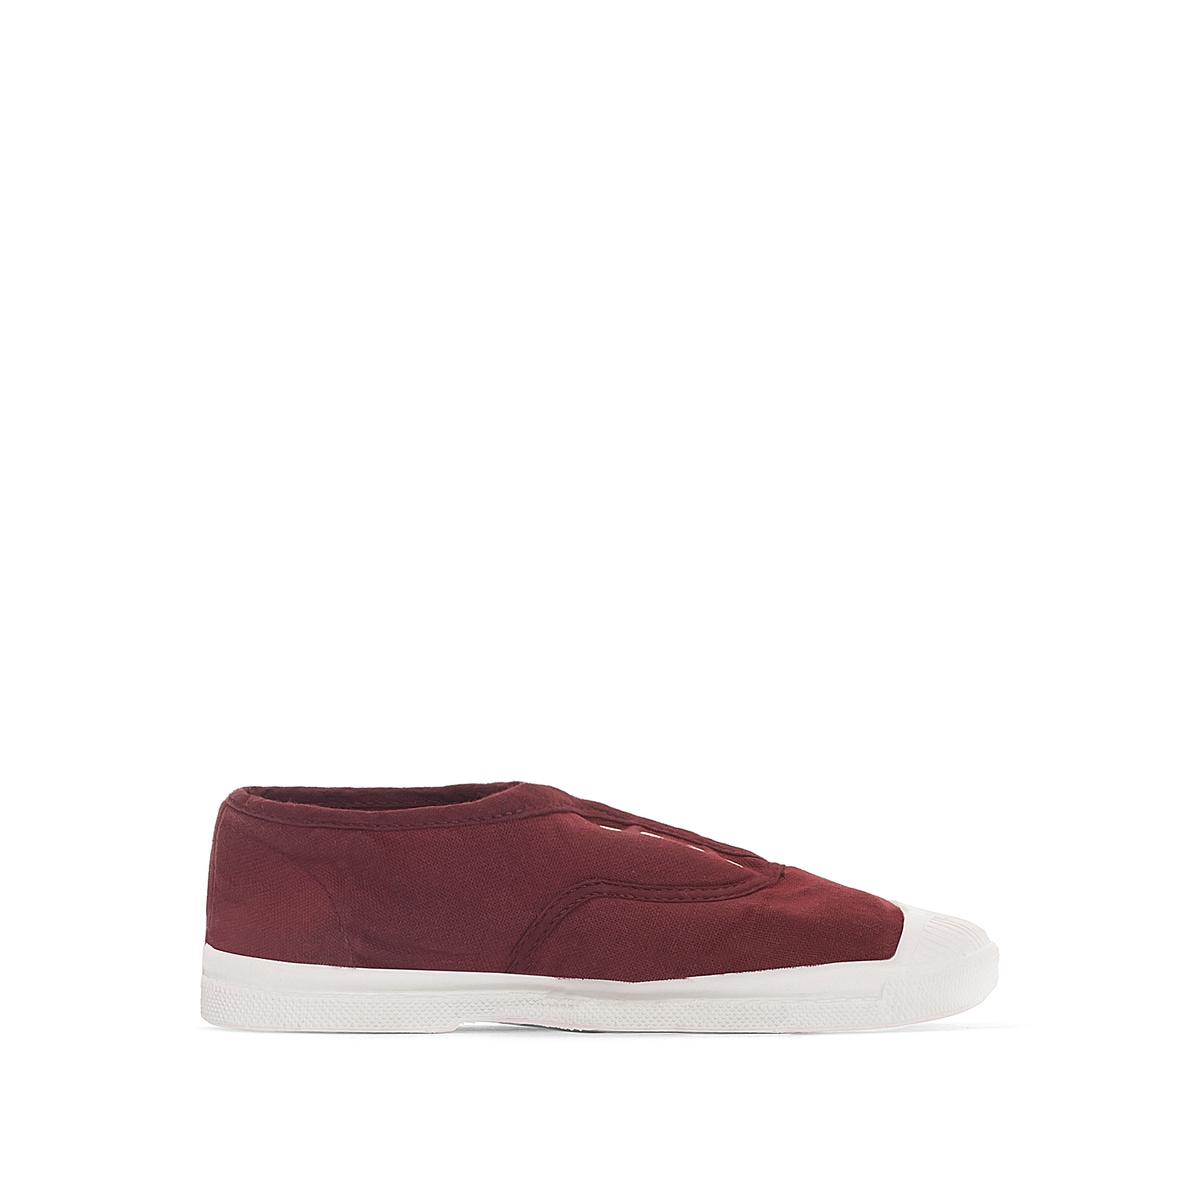 Кеды базового гардероба на шнуровкеДетали  •  Спортивный стиль •  Плоский каблук •  Застежка : шнуровка.Состав и уход  •  Верх 100% текстиль •  Подкладка 100% текстиль •  Подошва 100% каучук<br><br>Цвет: бордовый